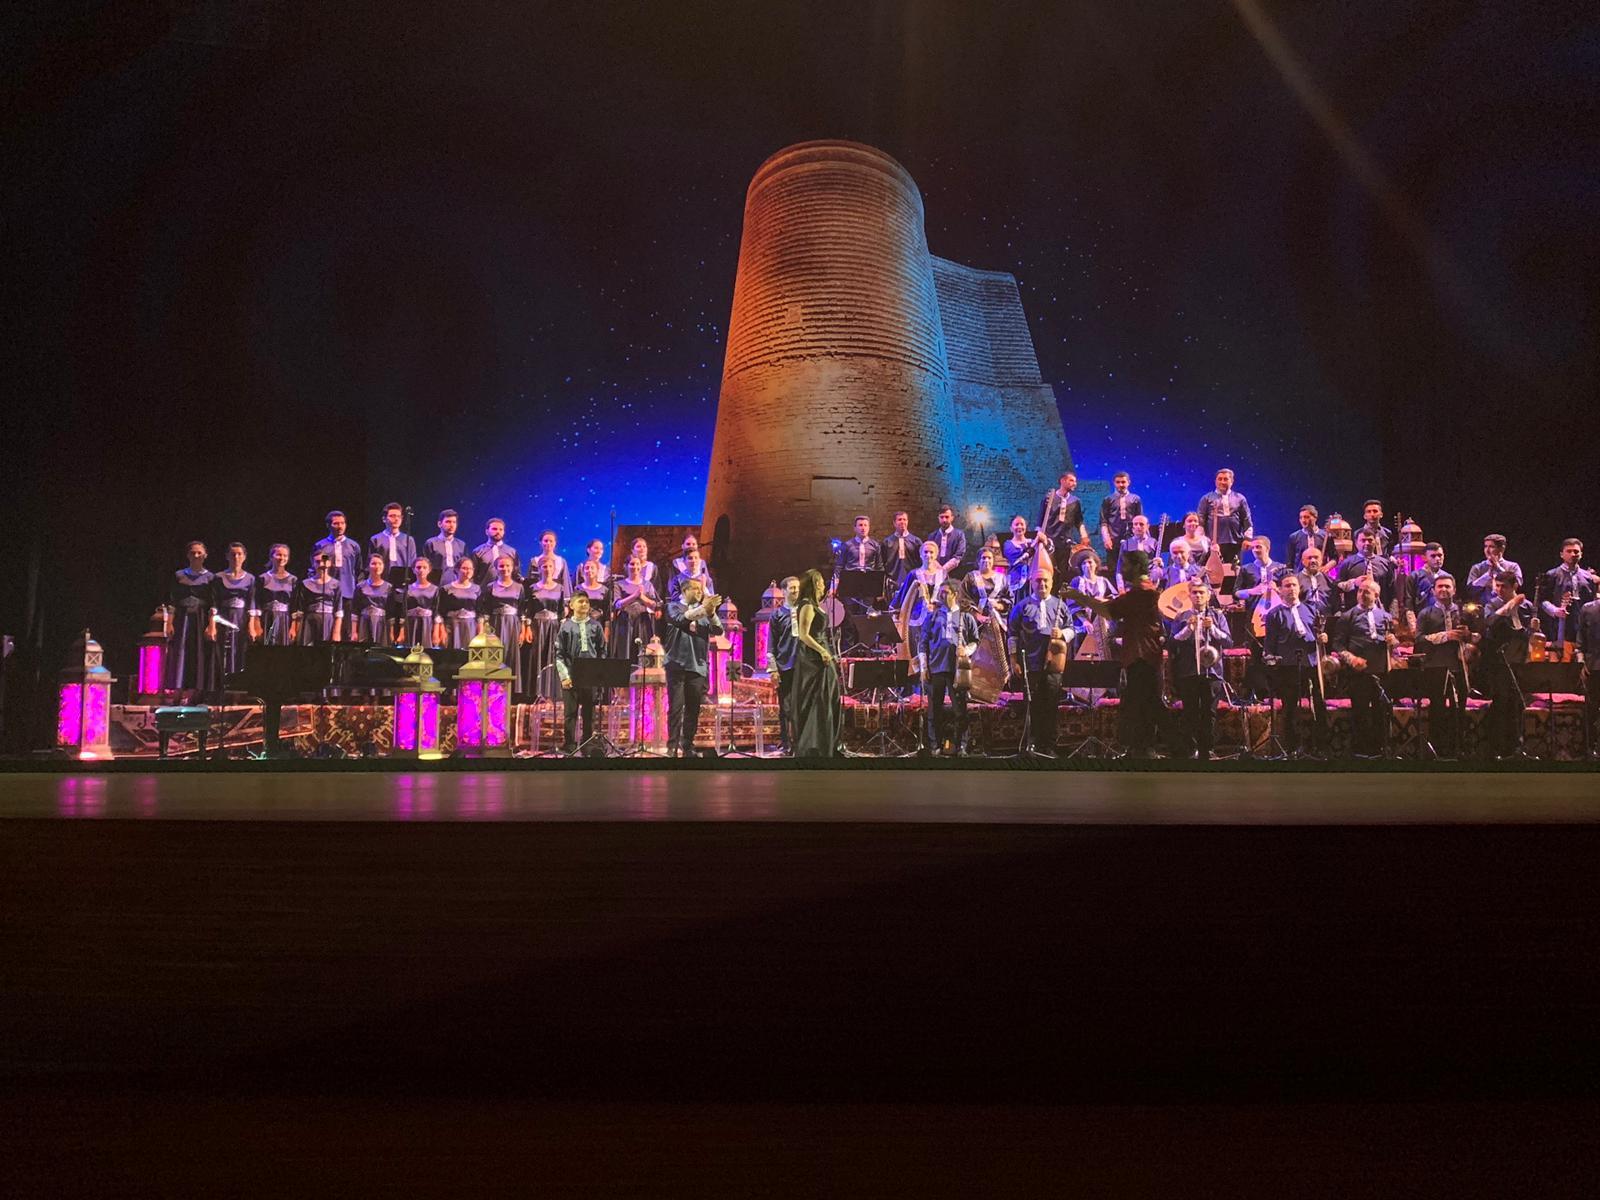 حفل افتتاح اجتماع لجنة التراث العالمى فى باكو